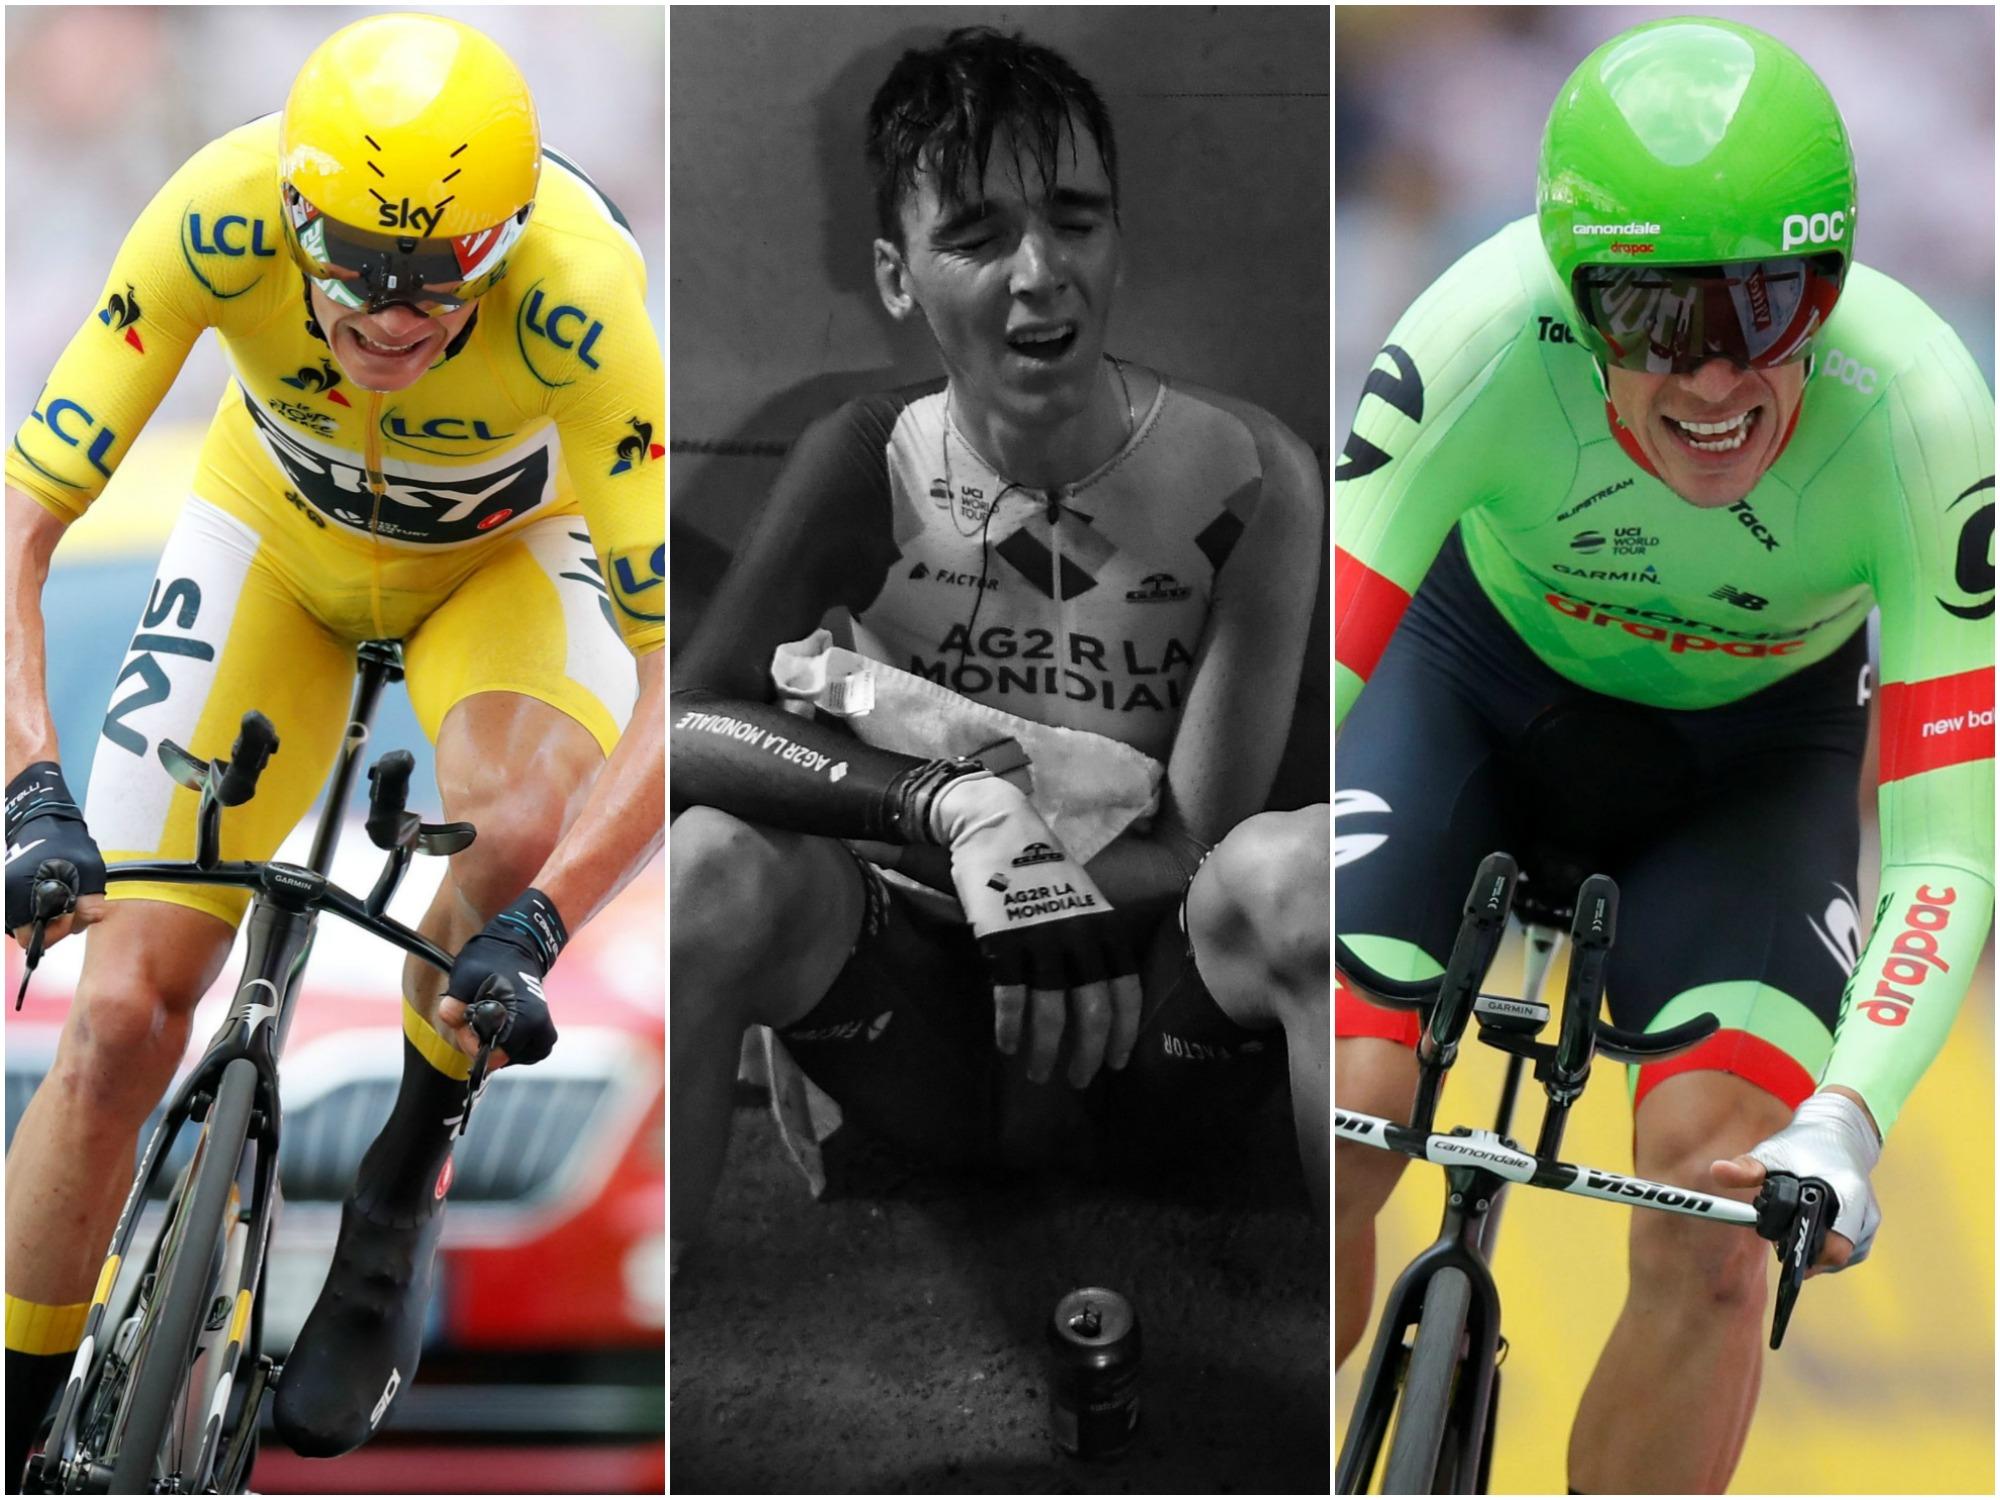 Cyclisme - Tour de France - Froome, Uran, Bardet : les tops et les flops de la 20e étape du Tour